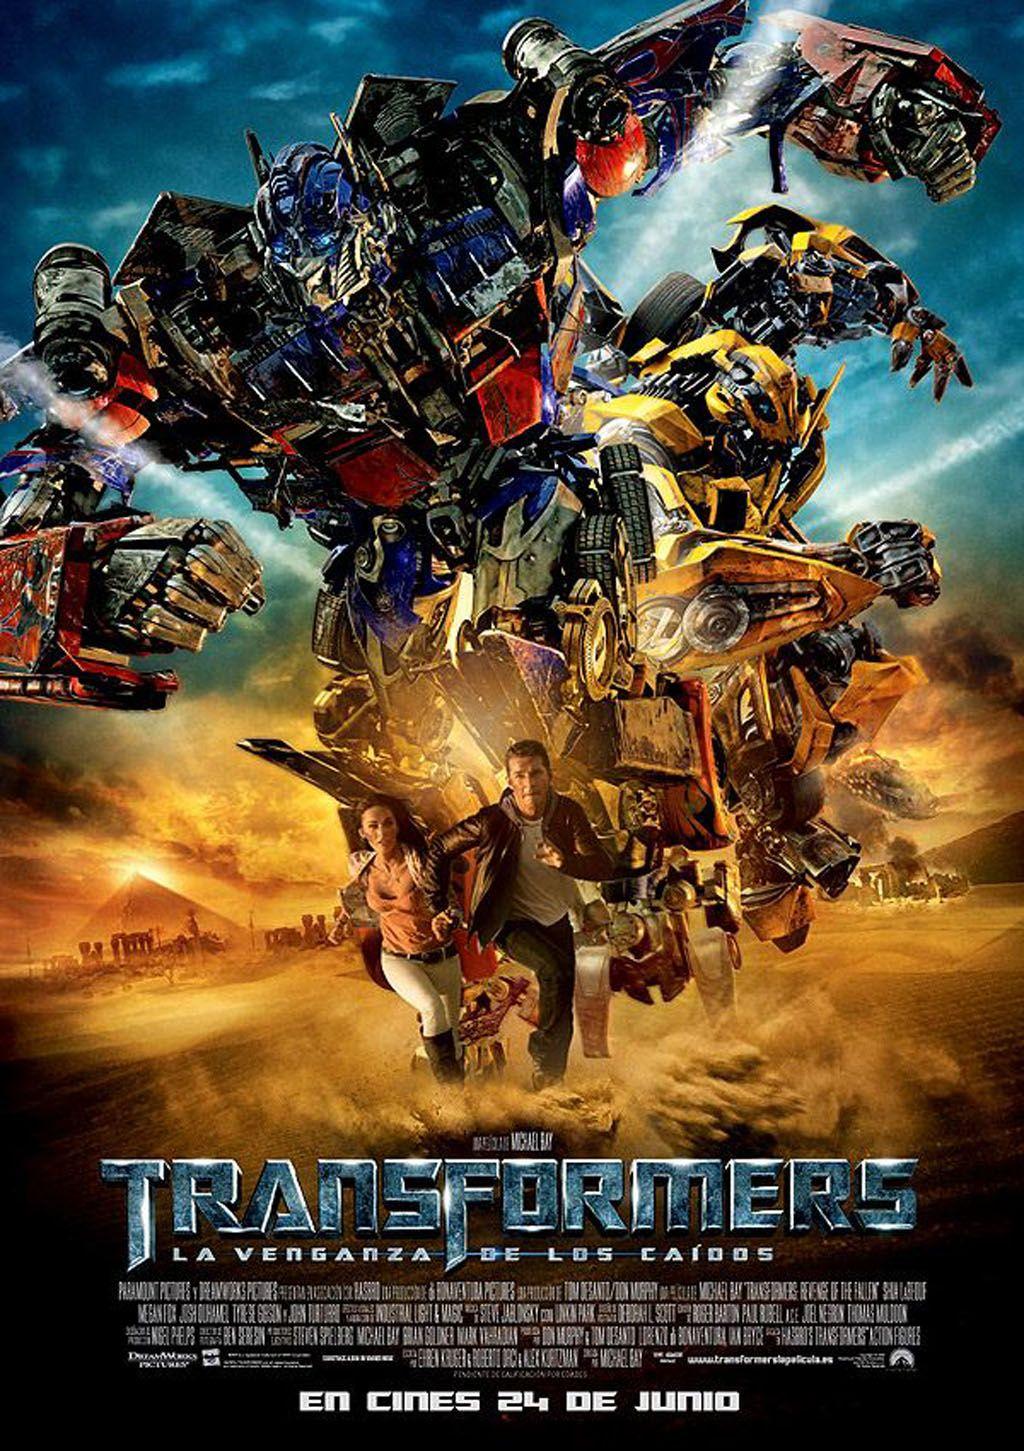 2009 07 05 Transformers 2 La Venganza De Los Caídos Película Transformers Transformers Transformers La Venganza De Los Caidos